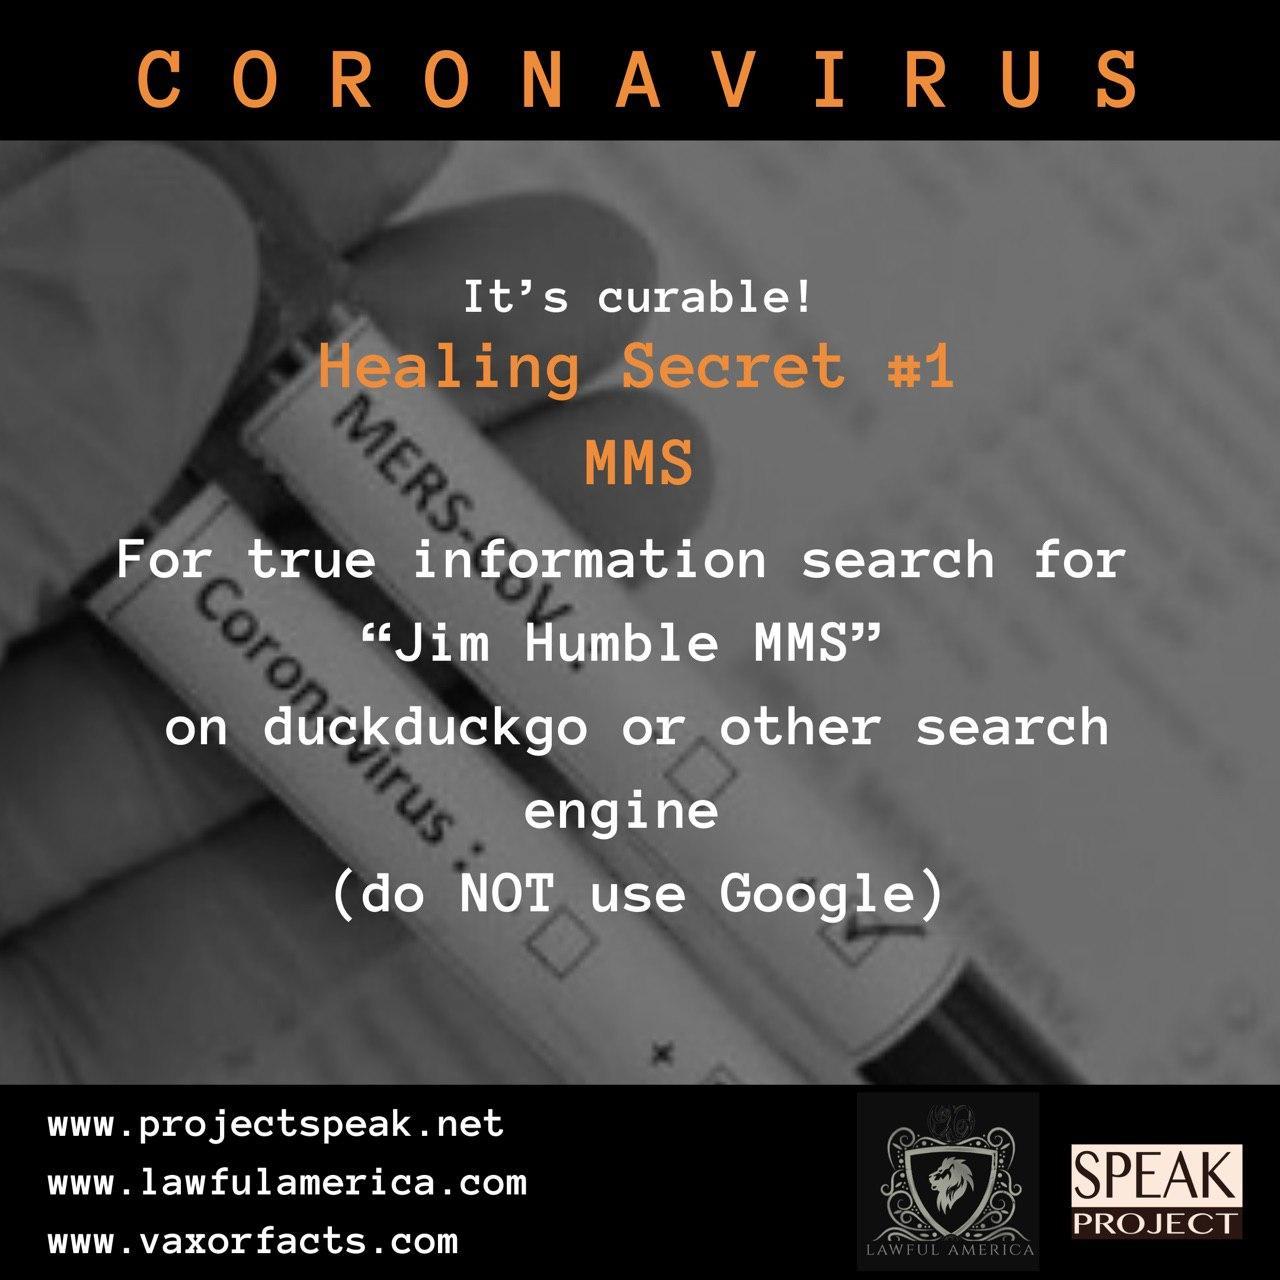 Coronavirus - Healing Secret #1